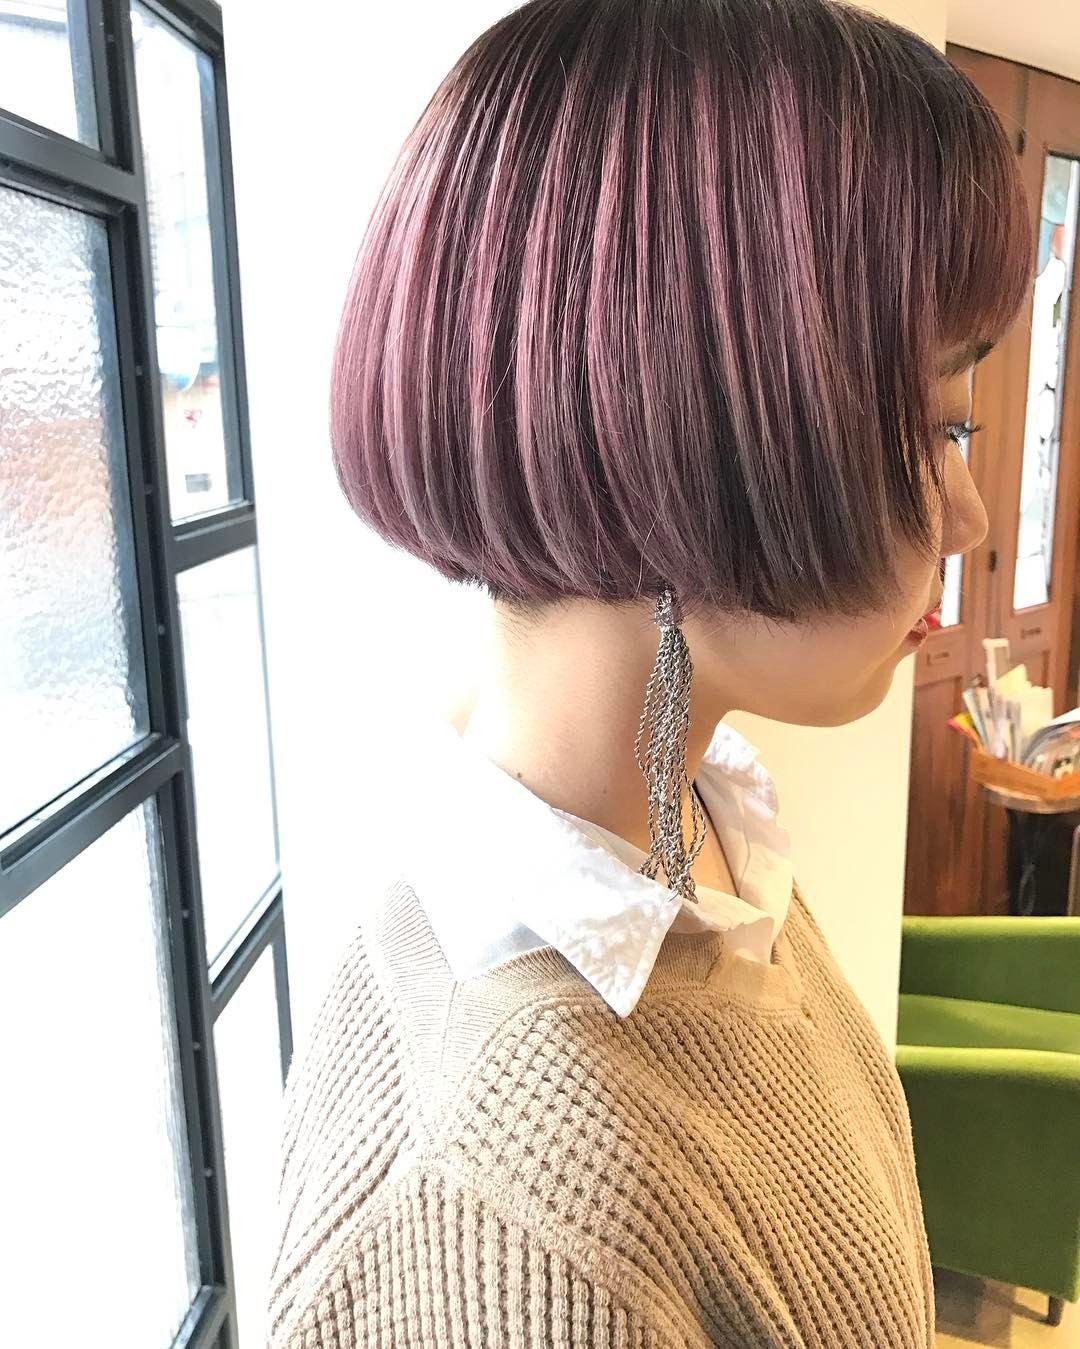 いいね 127件 コメント3件 Hair Ici Mio Nishidaさん